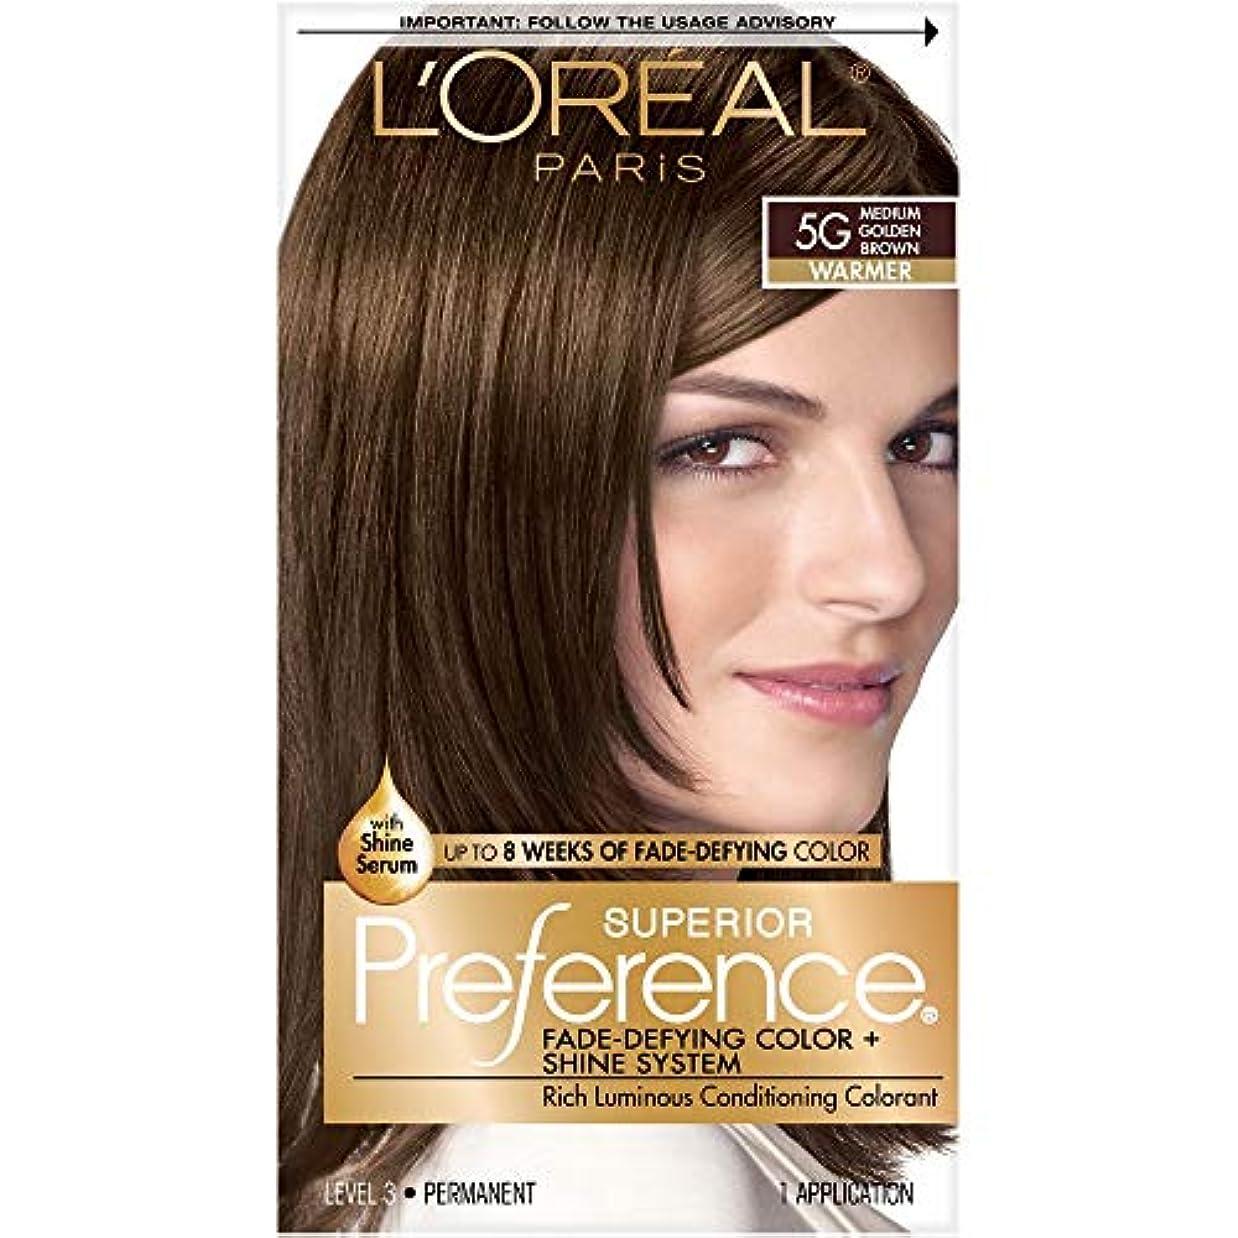 州学者トランペット海外直送肘 LOreal Superior Preference Hair Color 5G Medium Golden Brown, Medium Golden Brown 1 each